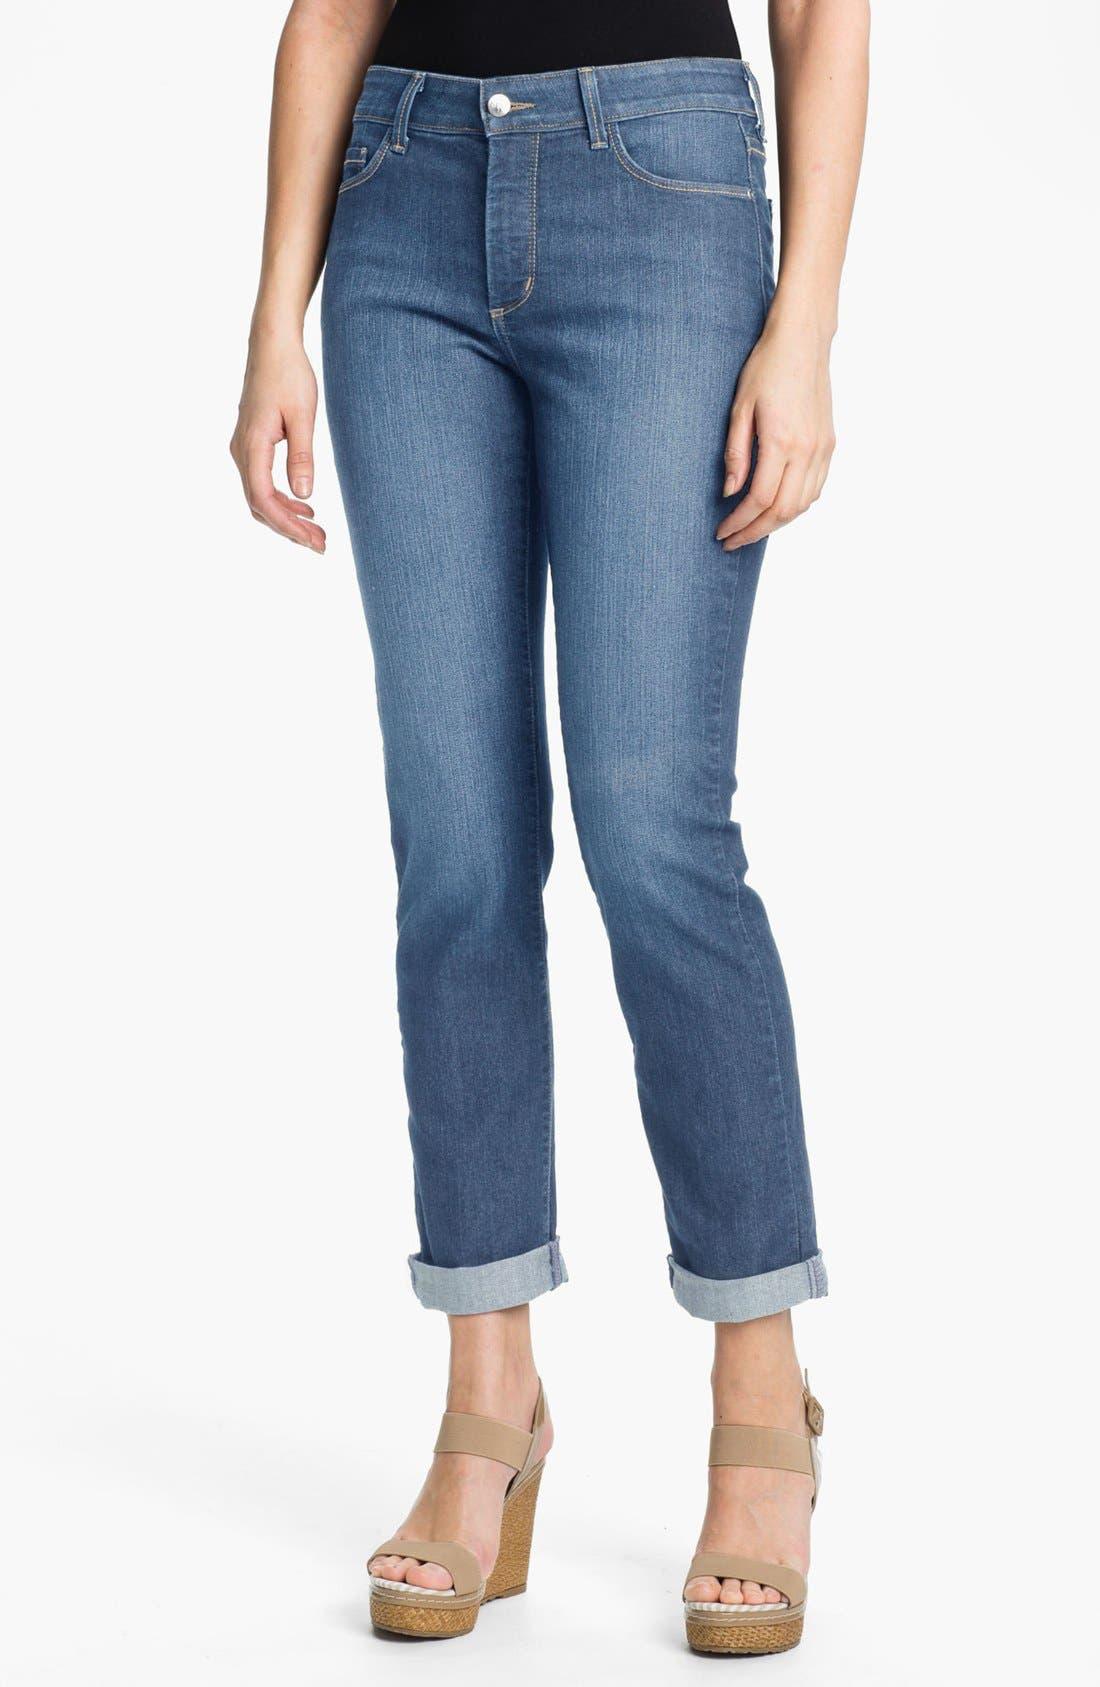 Main Image - NYDJ 'Tanya' Stretch Boyfriend Jeans (Modesto) (Plus Size)